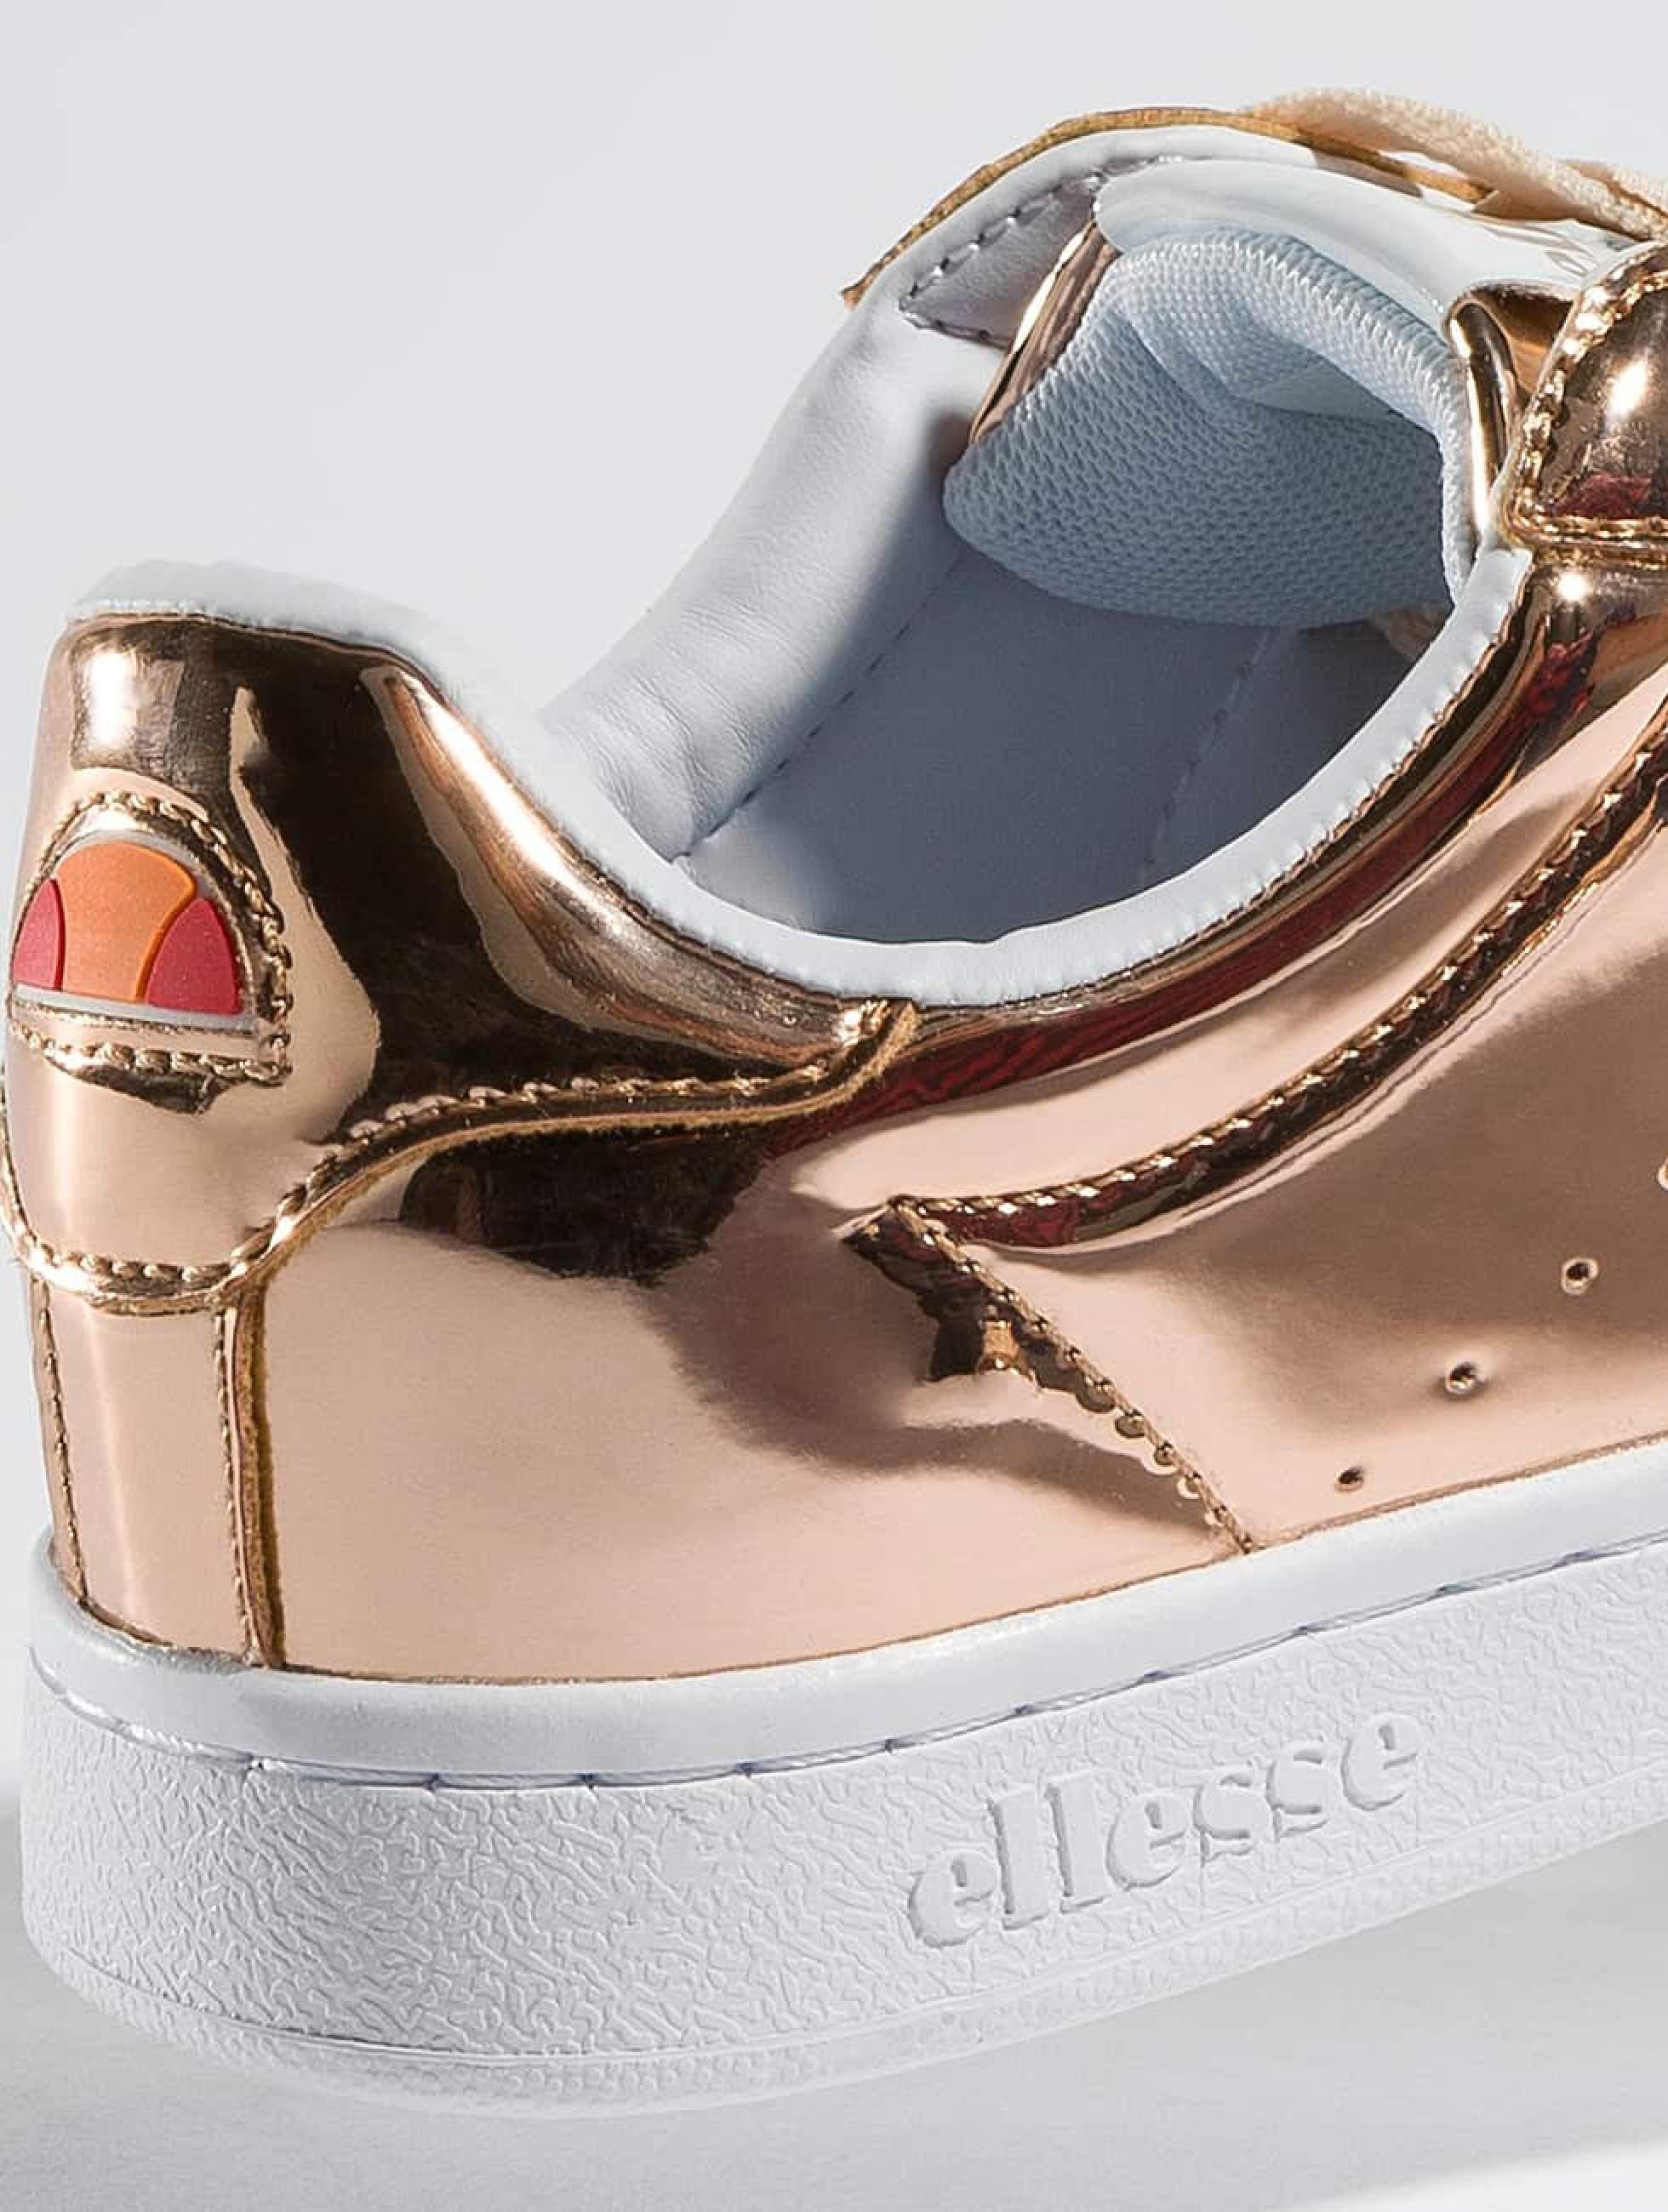 Ellesse Damen Anzia Schuhe / Sneaker Heritage Anzia Damen Metallic 34f31e